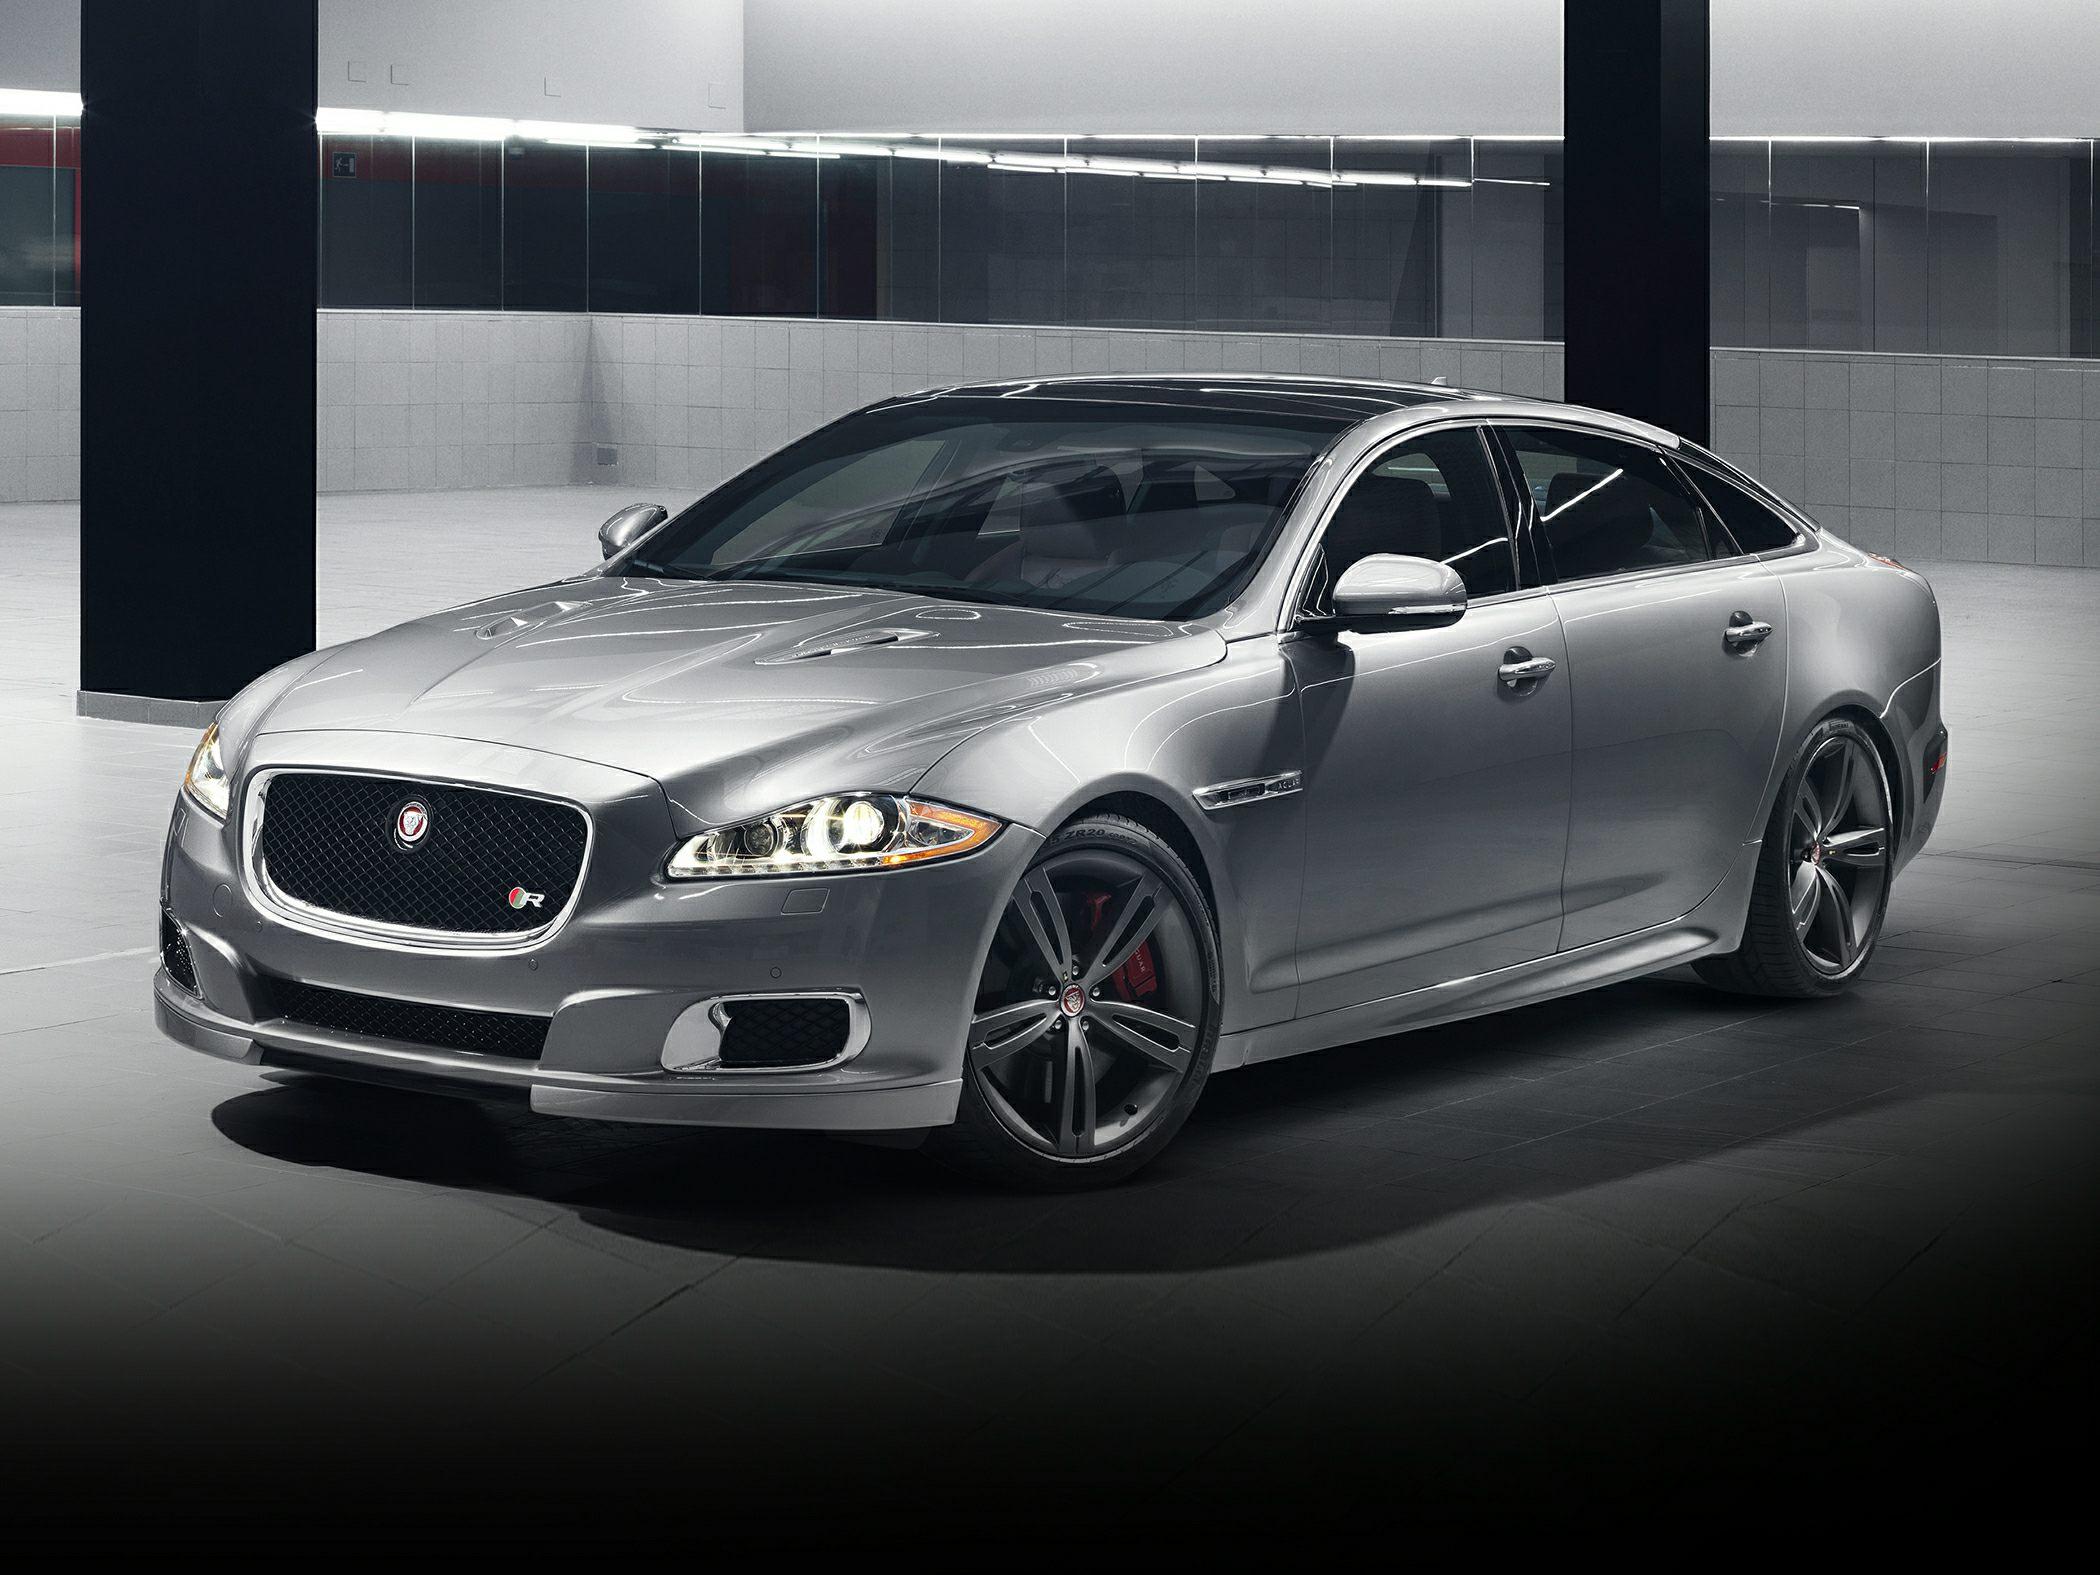 2014 Jaguar XJ Exterior Glamour